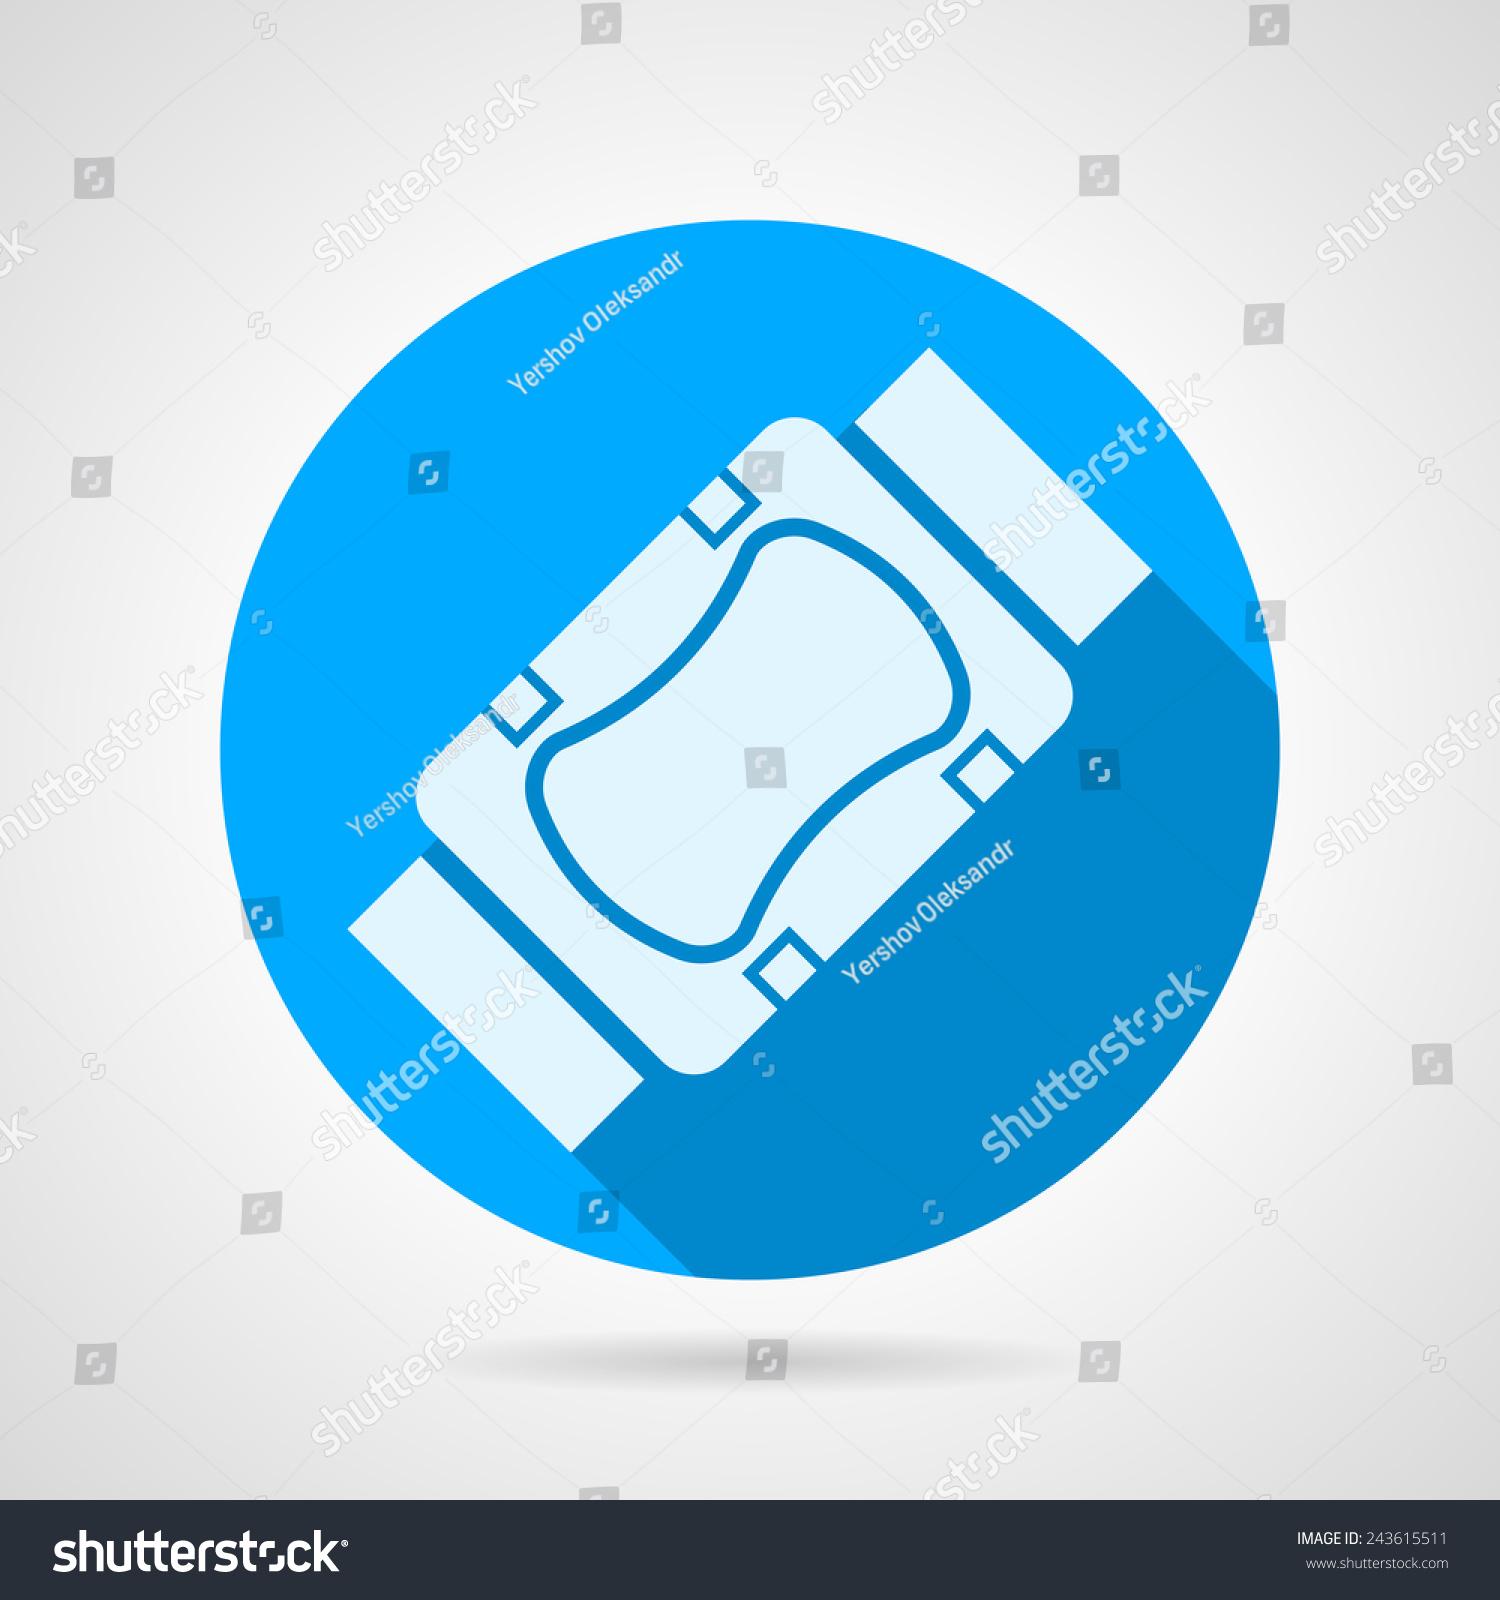 蓝色圆矢量图标与白色